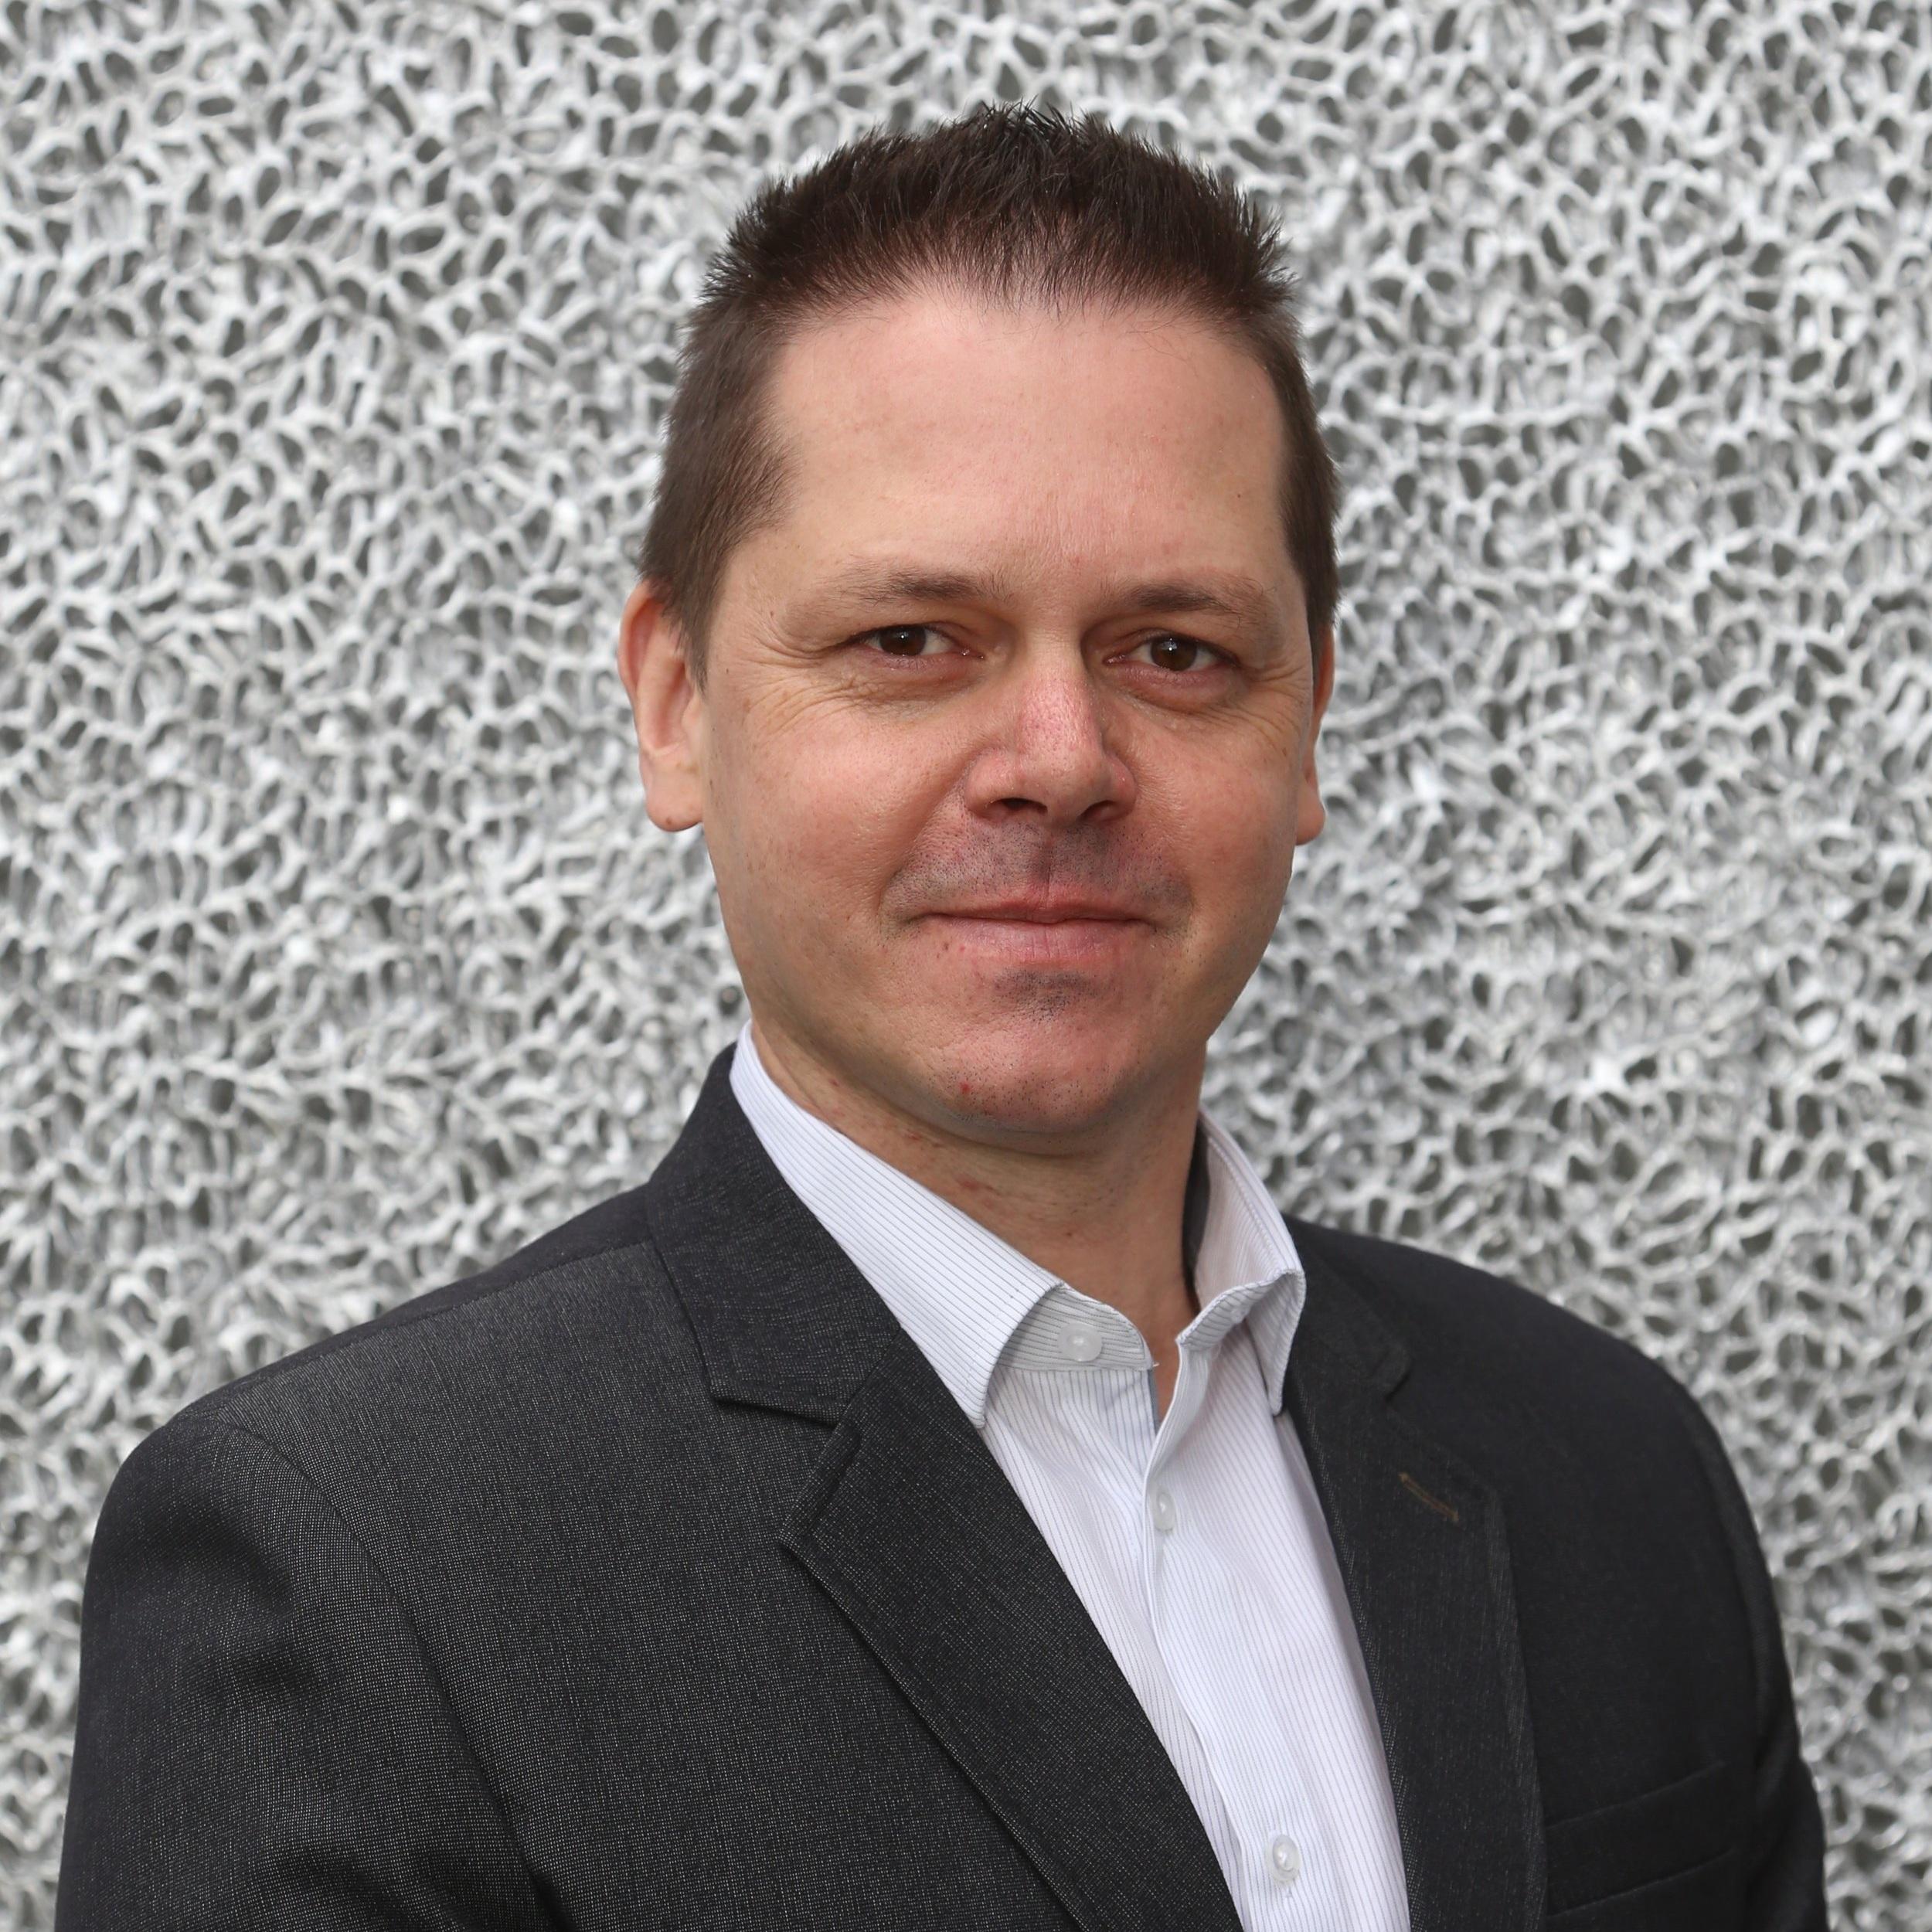 Kaszab István  CEO Aluinvent